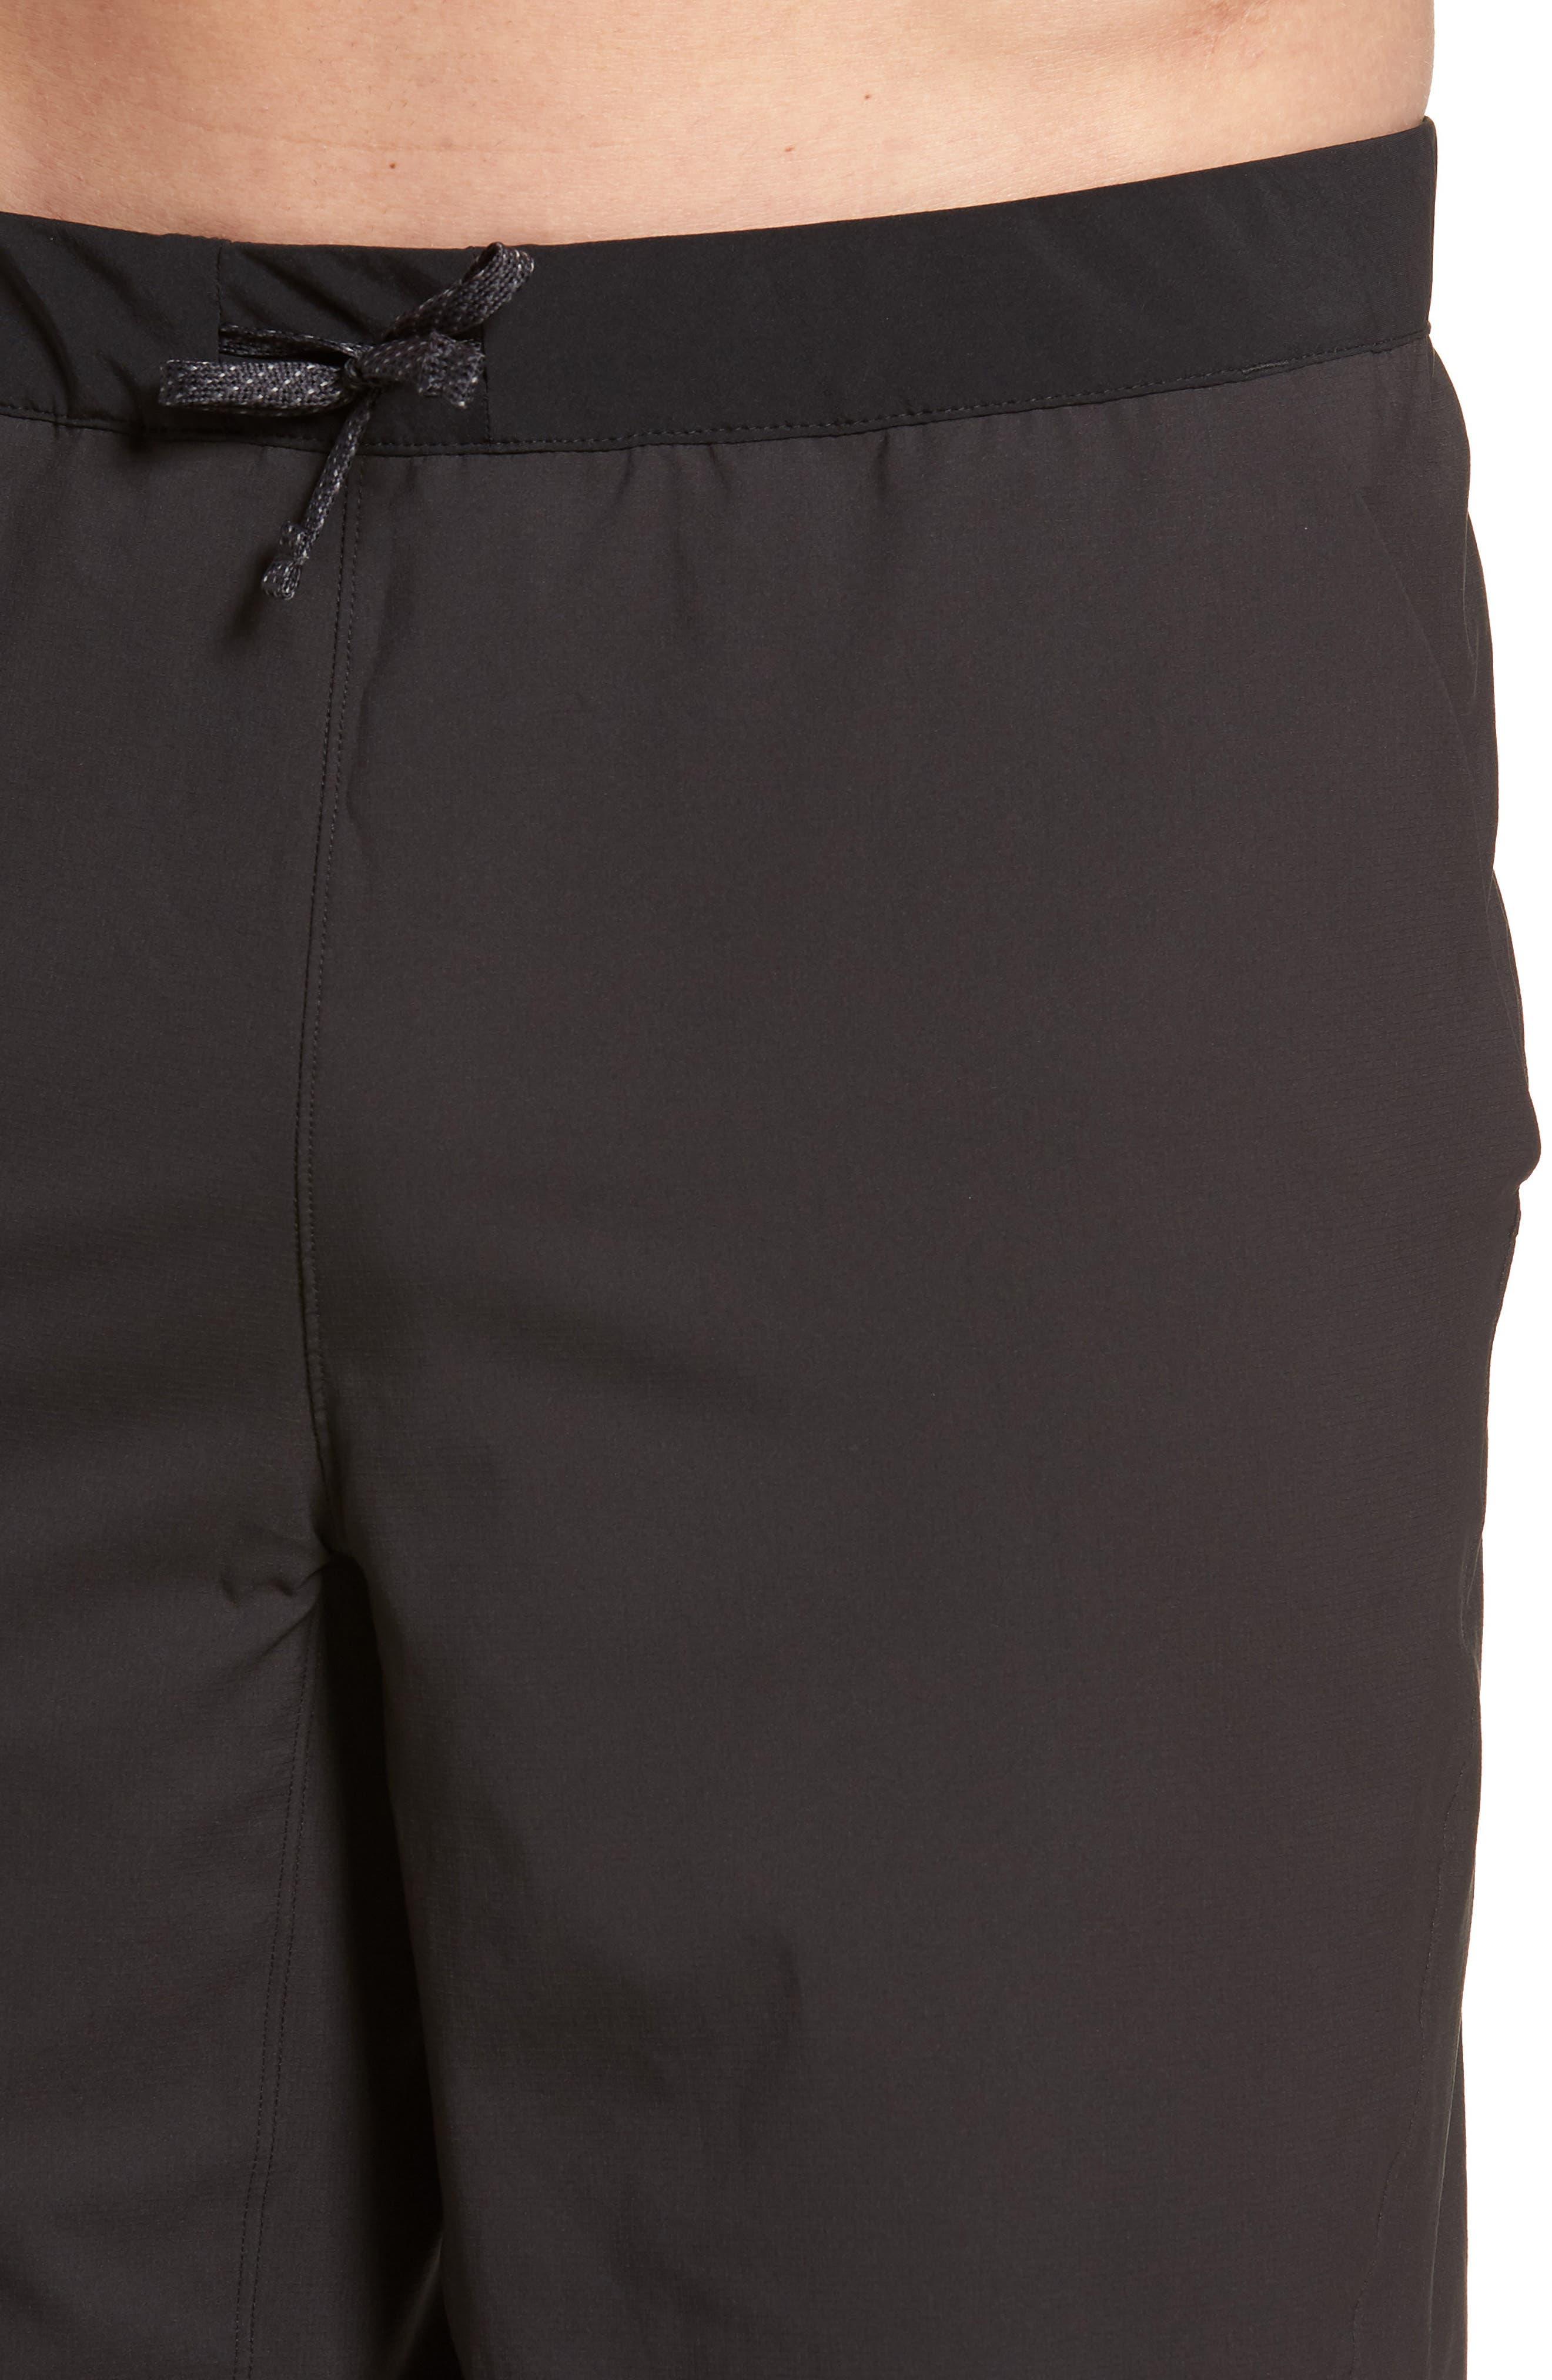 Terrebonne Shorts,                             Alternate thumbnail 7, color,